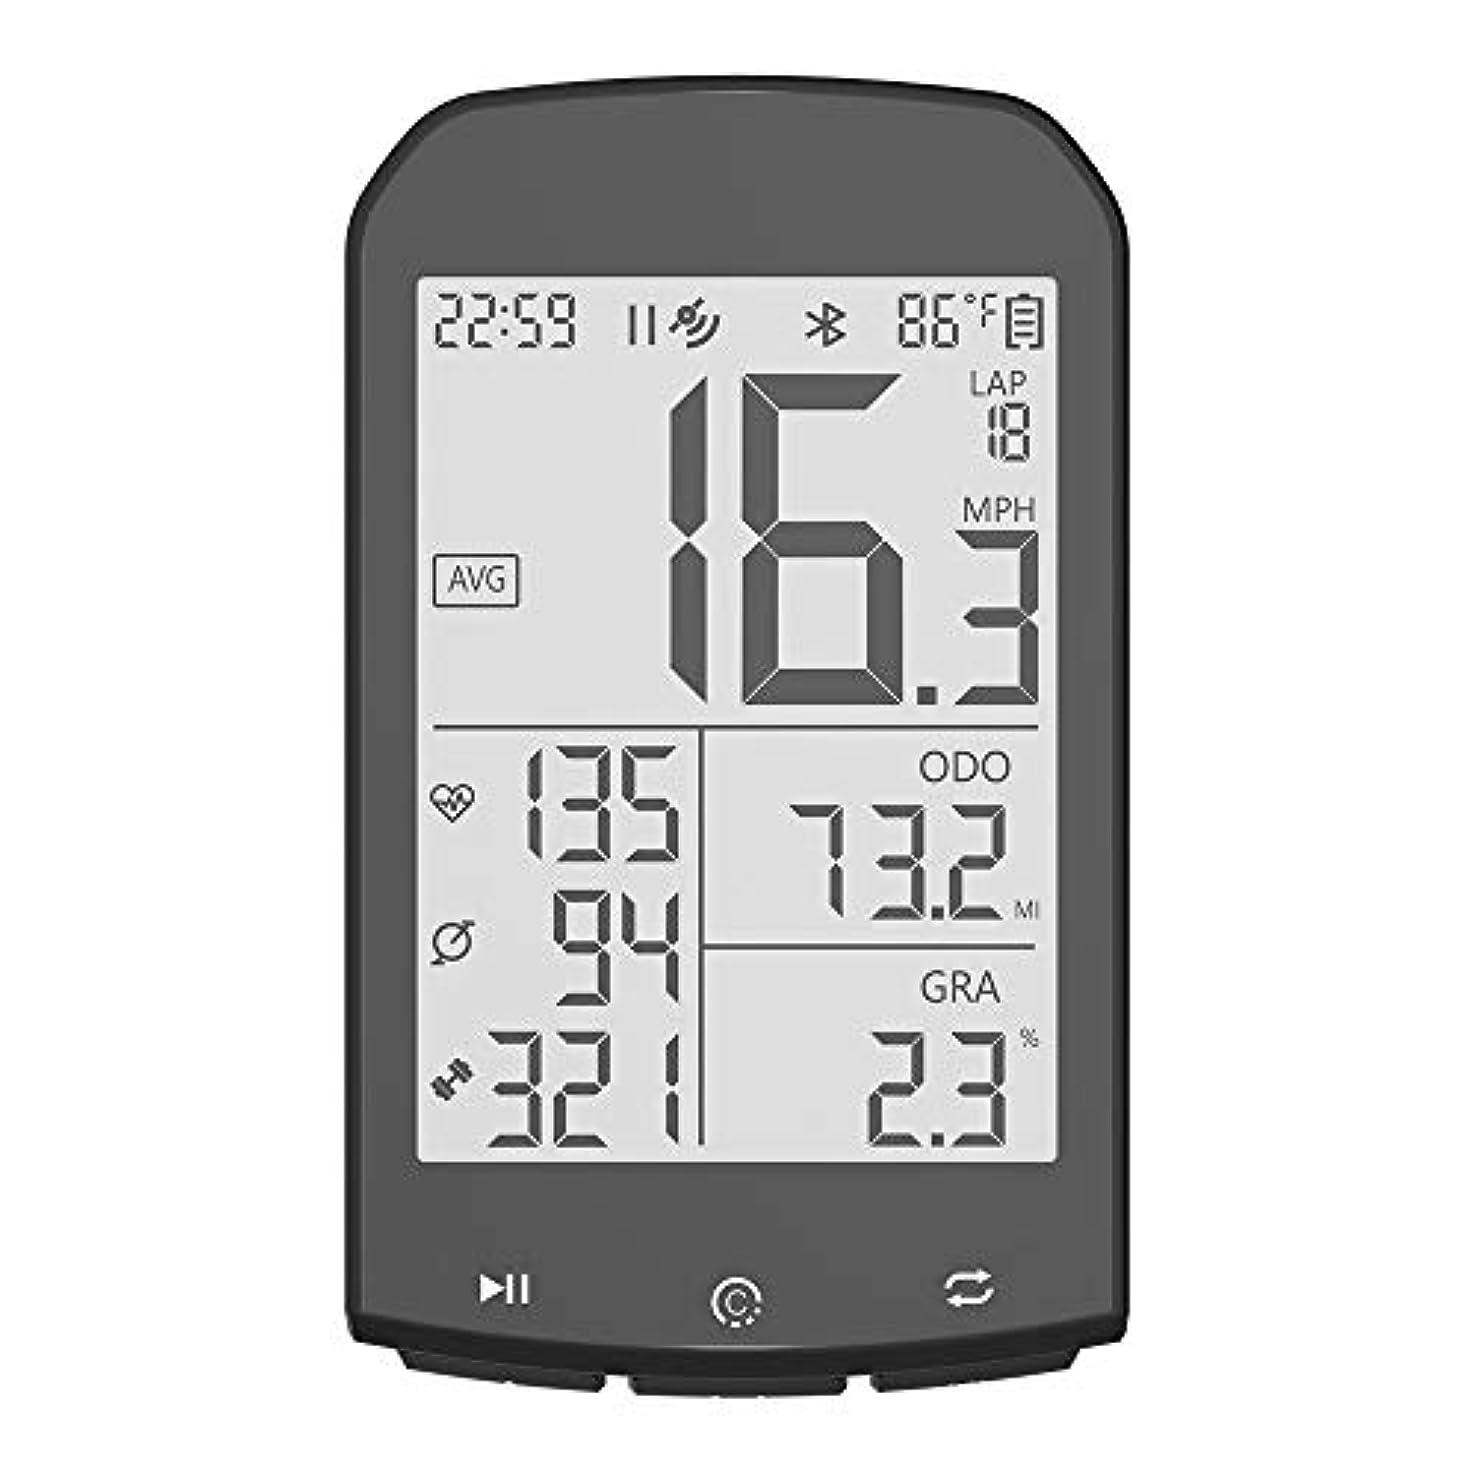 炭素目的大破自転車スピードメーター 防水自転車GPS無線ストップウォッチ夜光防水Bluetoothのストップウォッチ 記録走行データ (色 : M1, Size : One size)